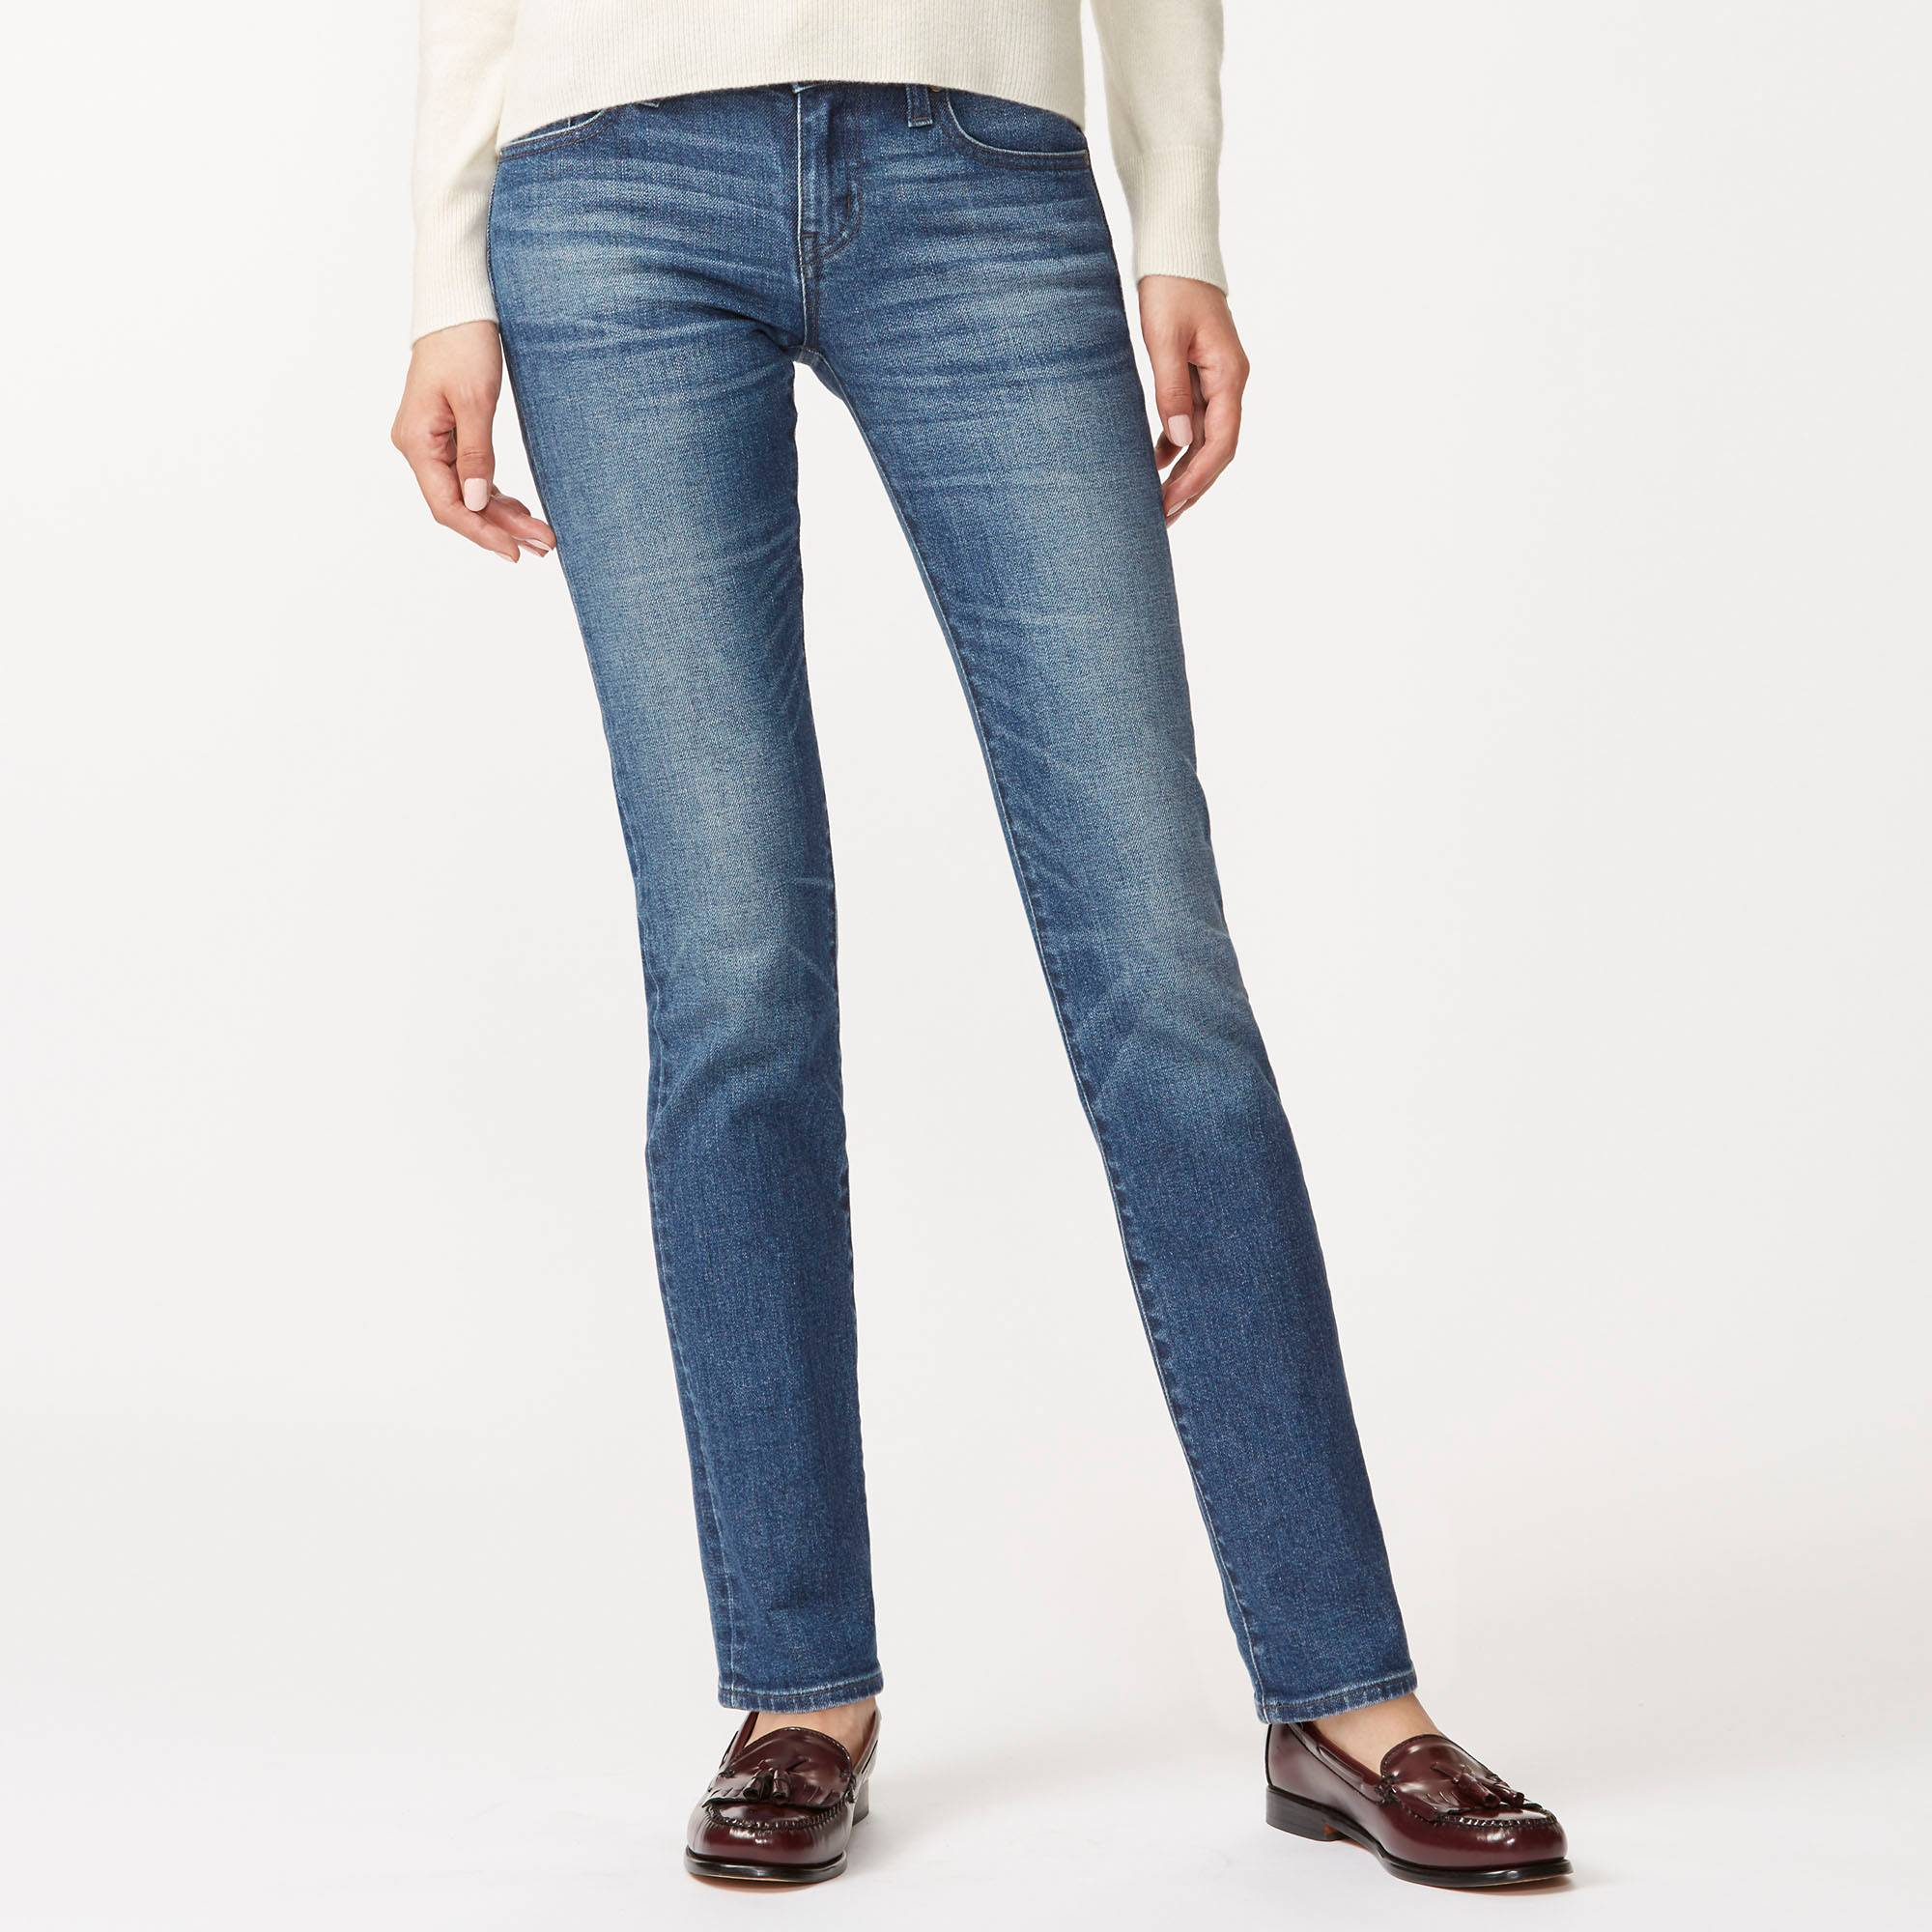 Slim Fit Jeans For Women - Jon Jean